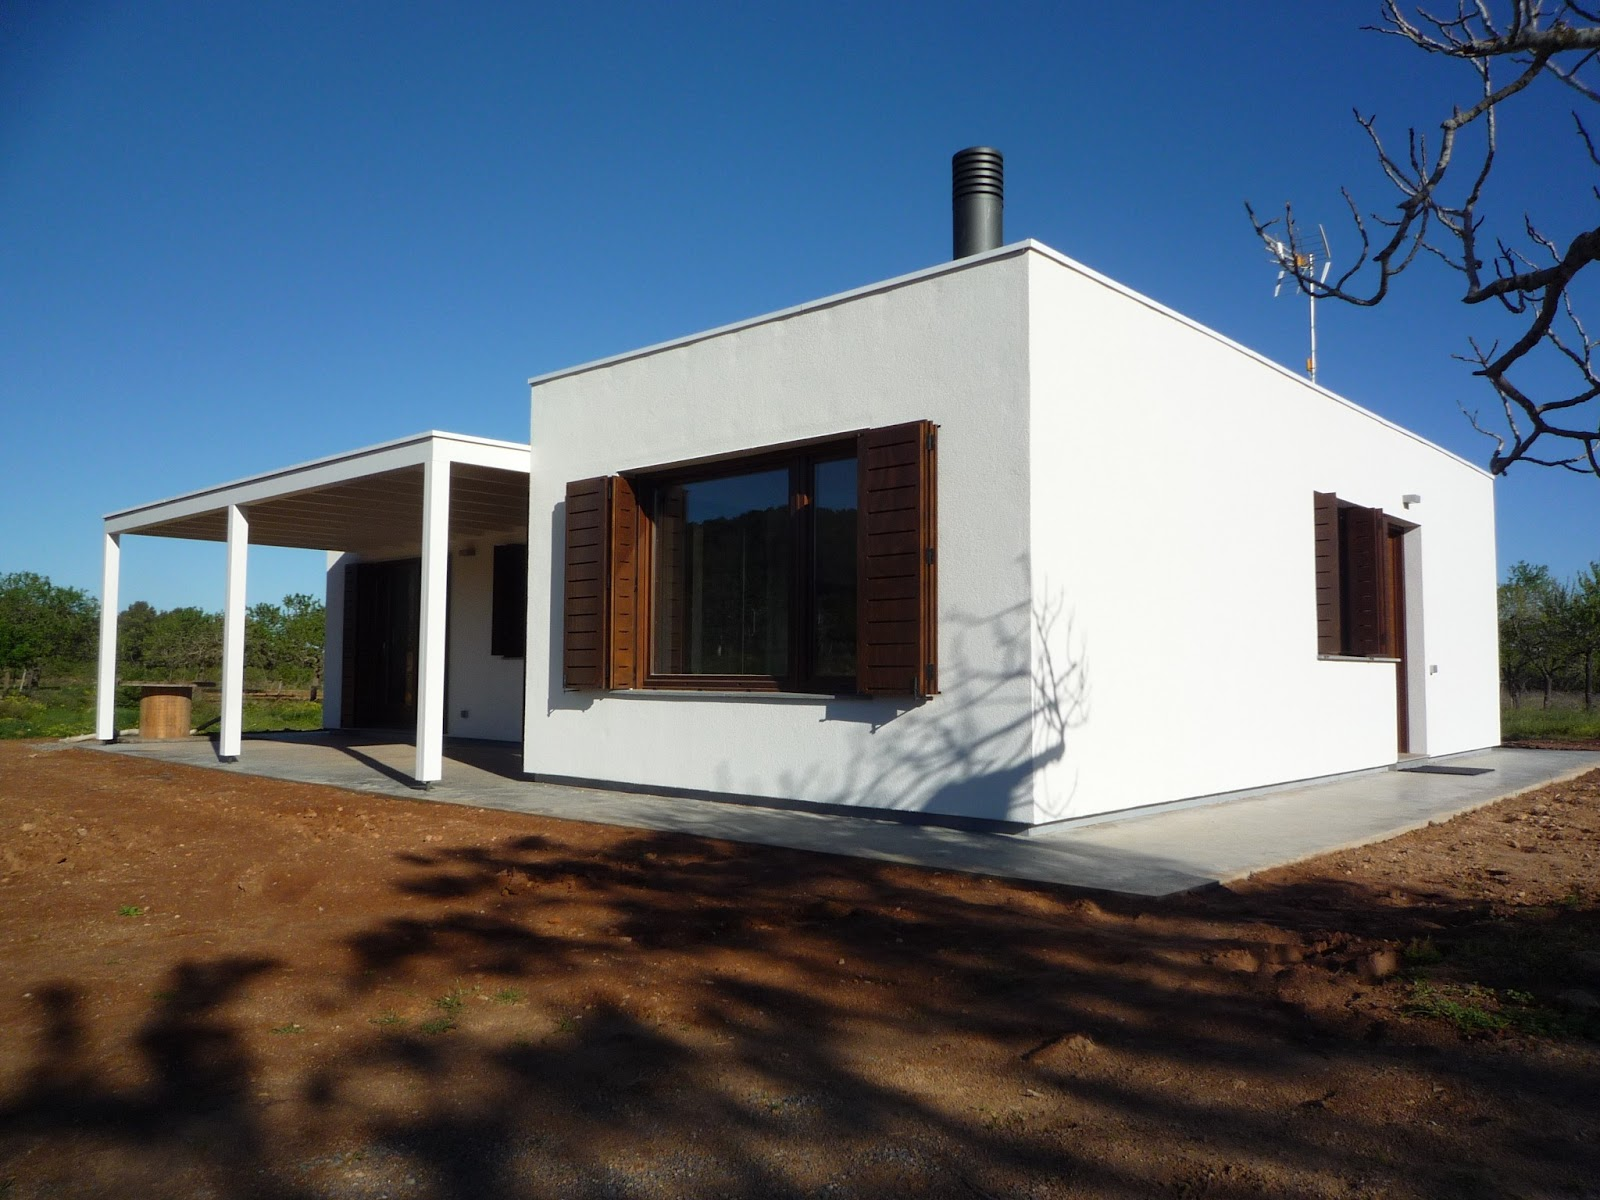 Casas Modulares BlocHouse